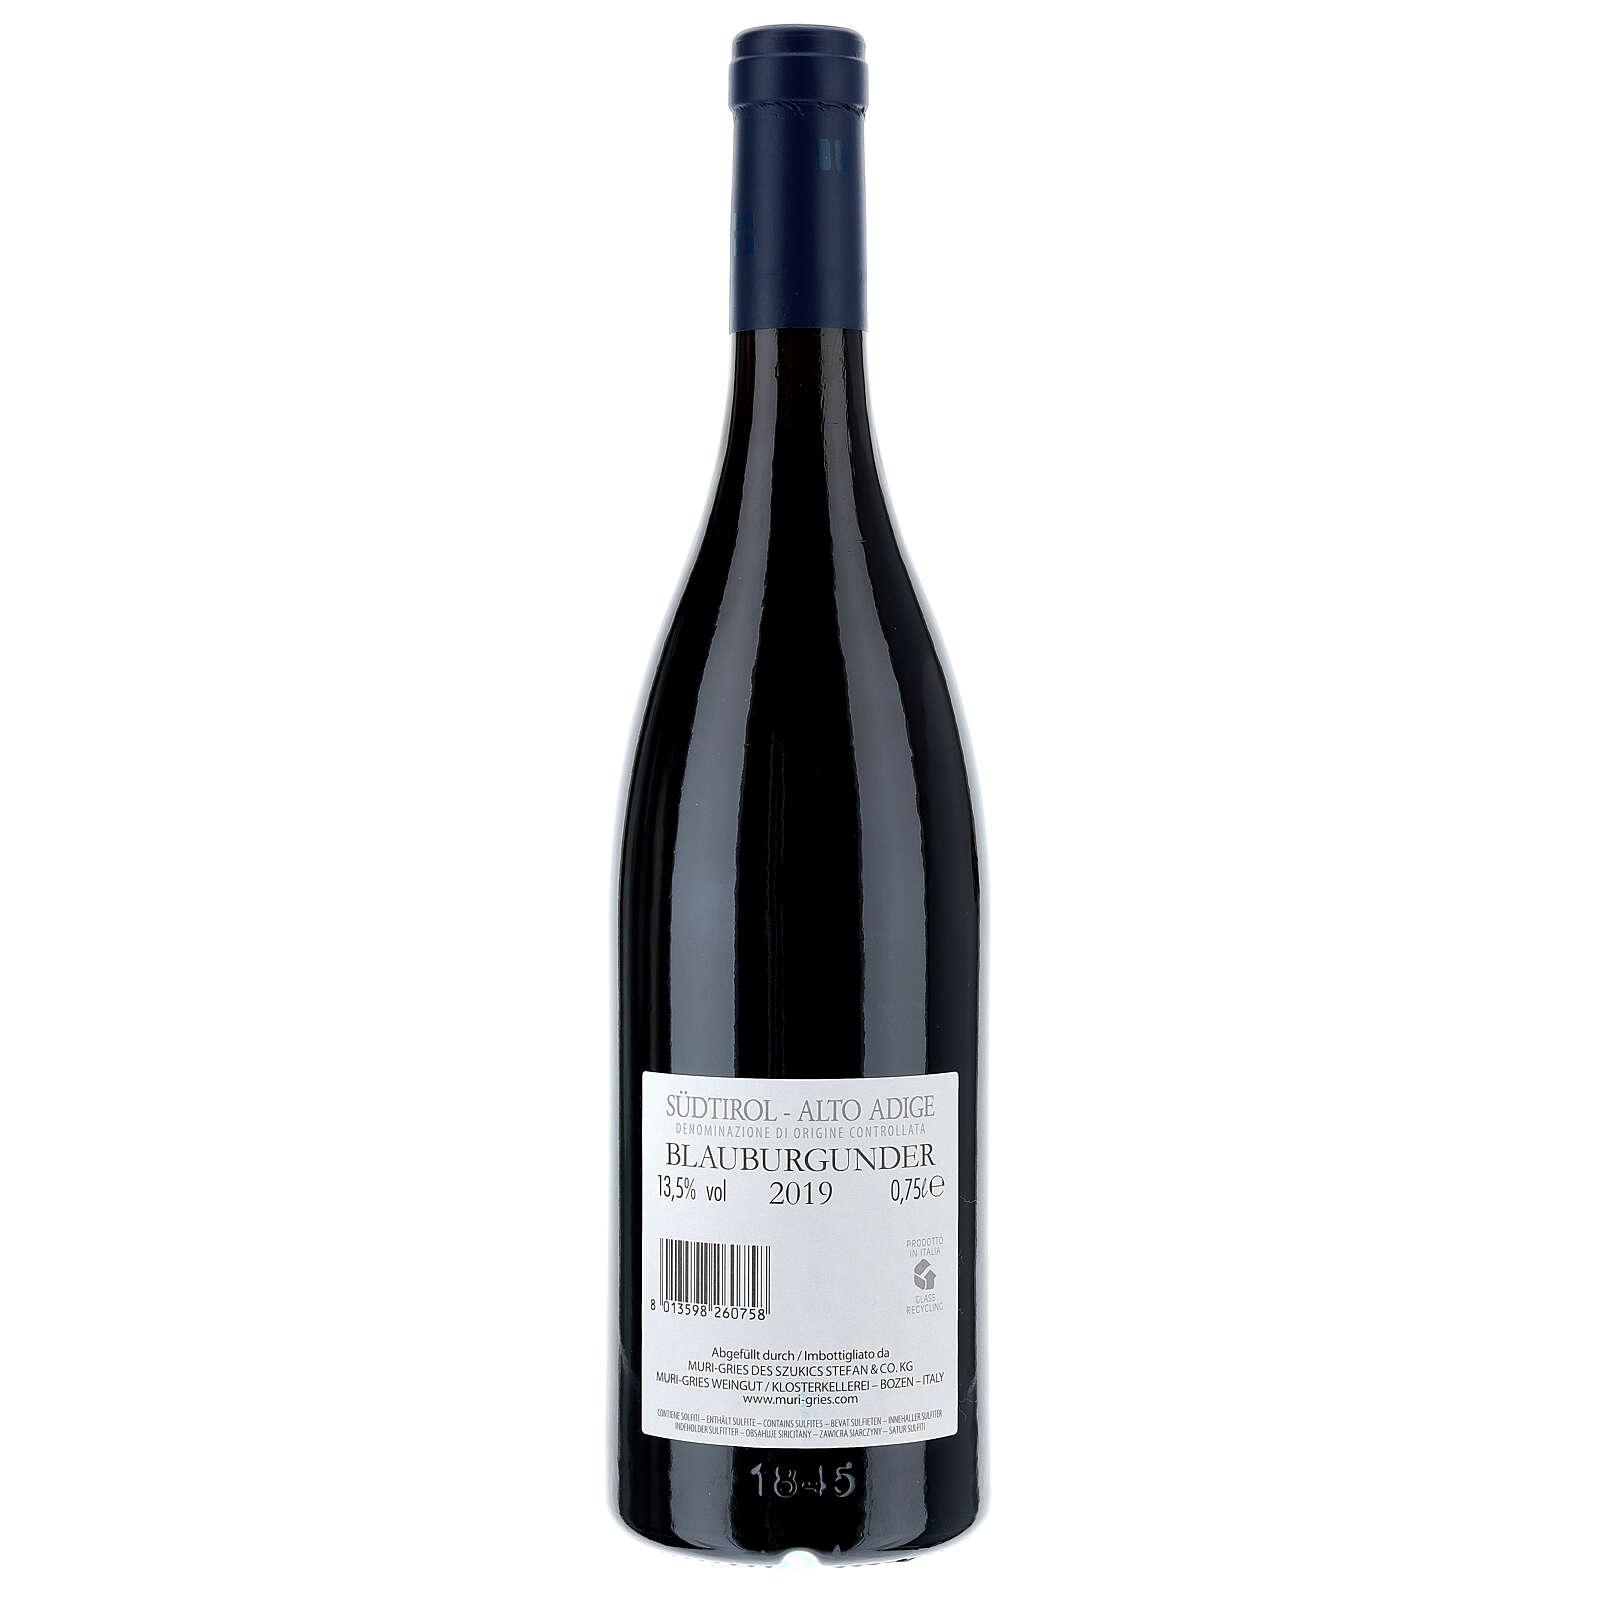 Wino Pinot Nero DOC 2019 Abbazia Muri Gries 750 ml 3